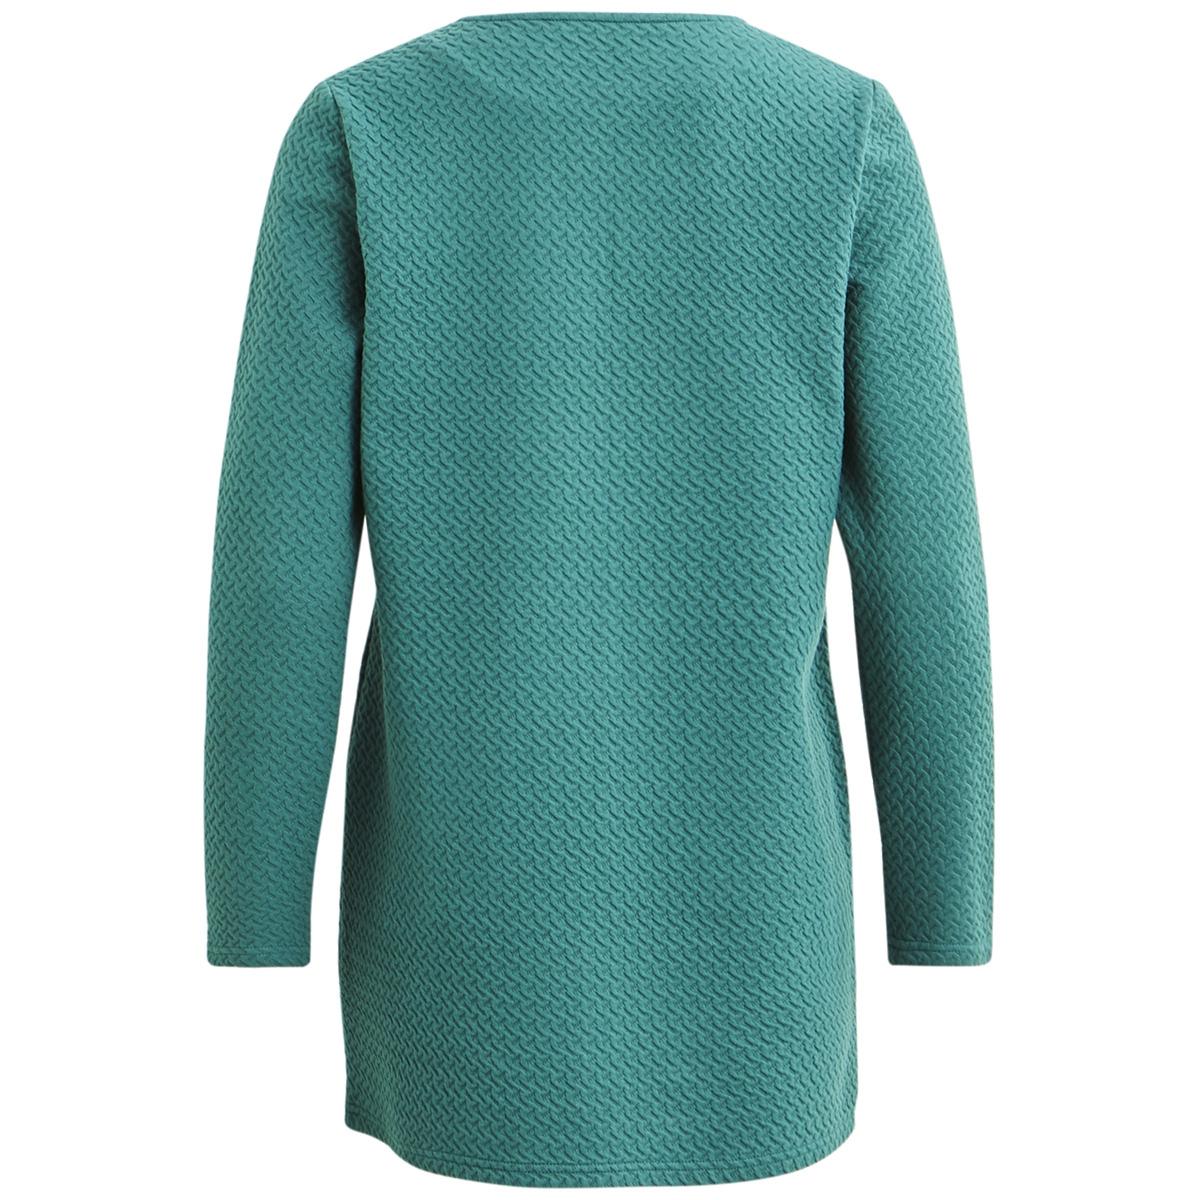 vinaja new long jacket-fav 14043894 vila vest bayberry